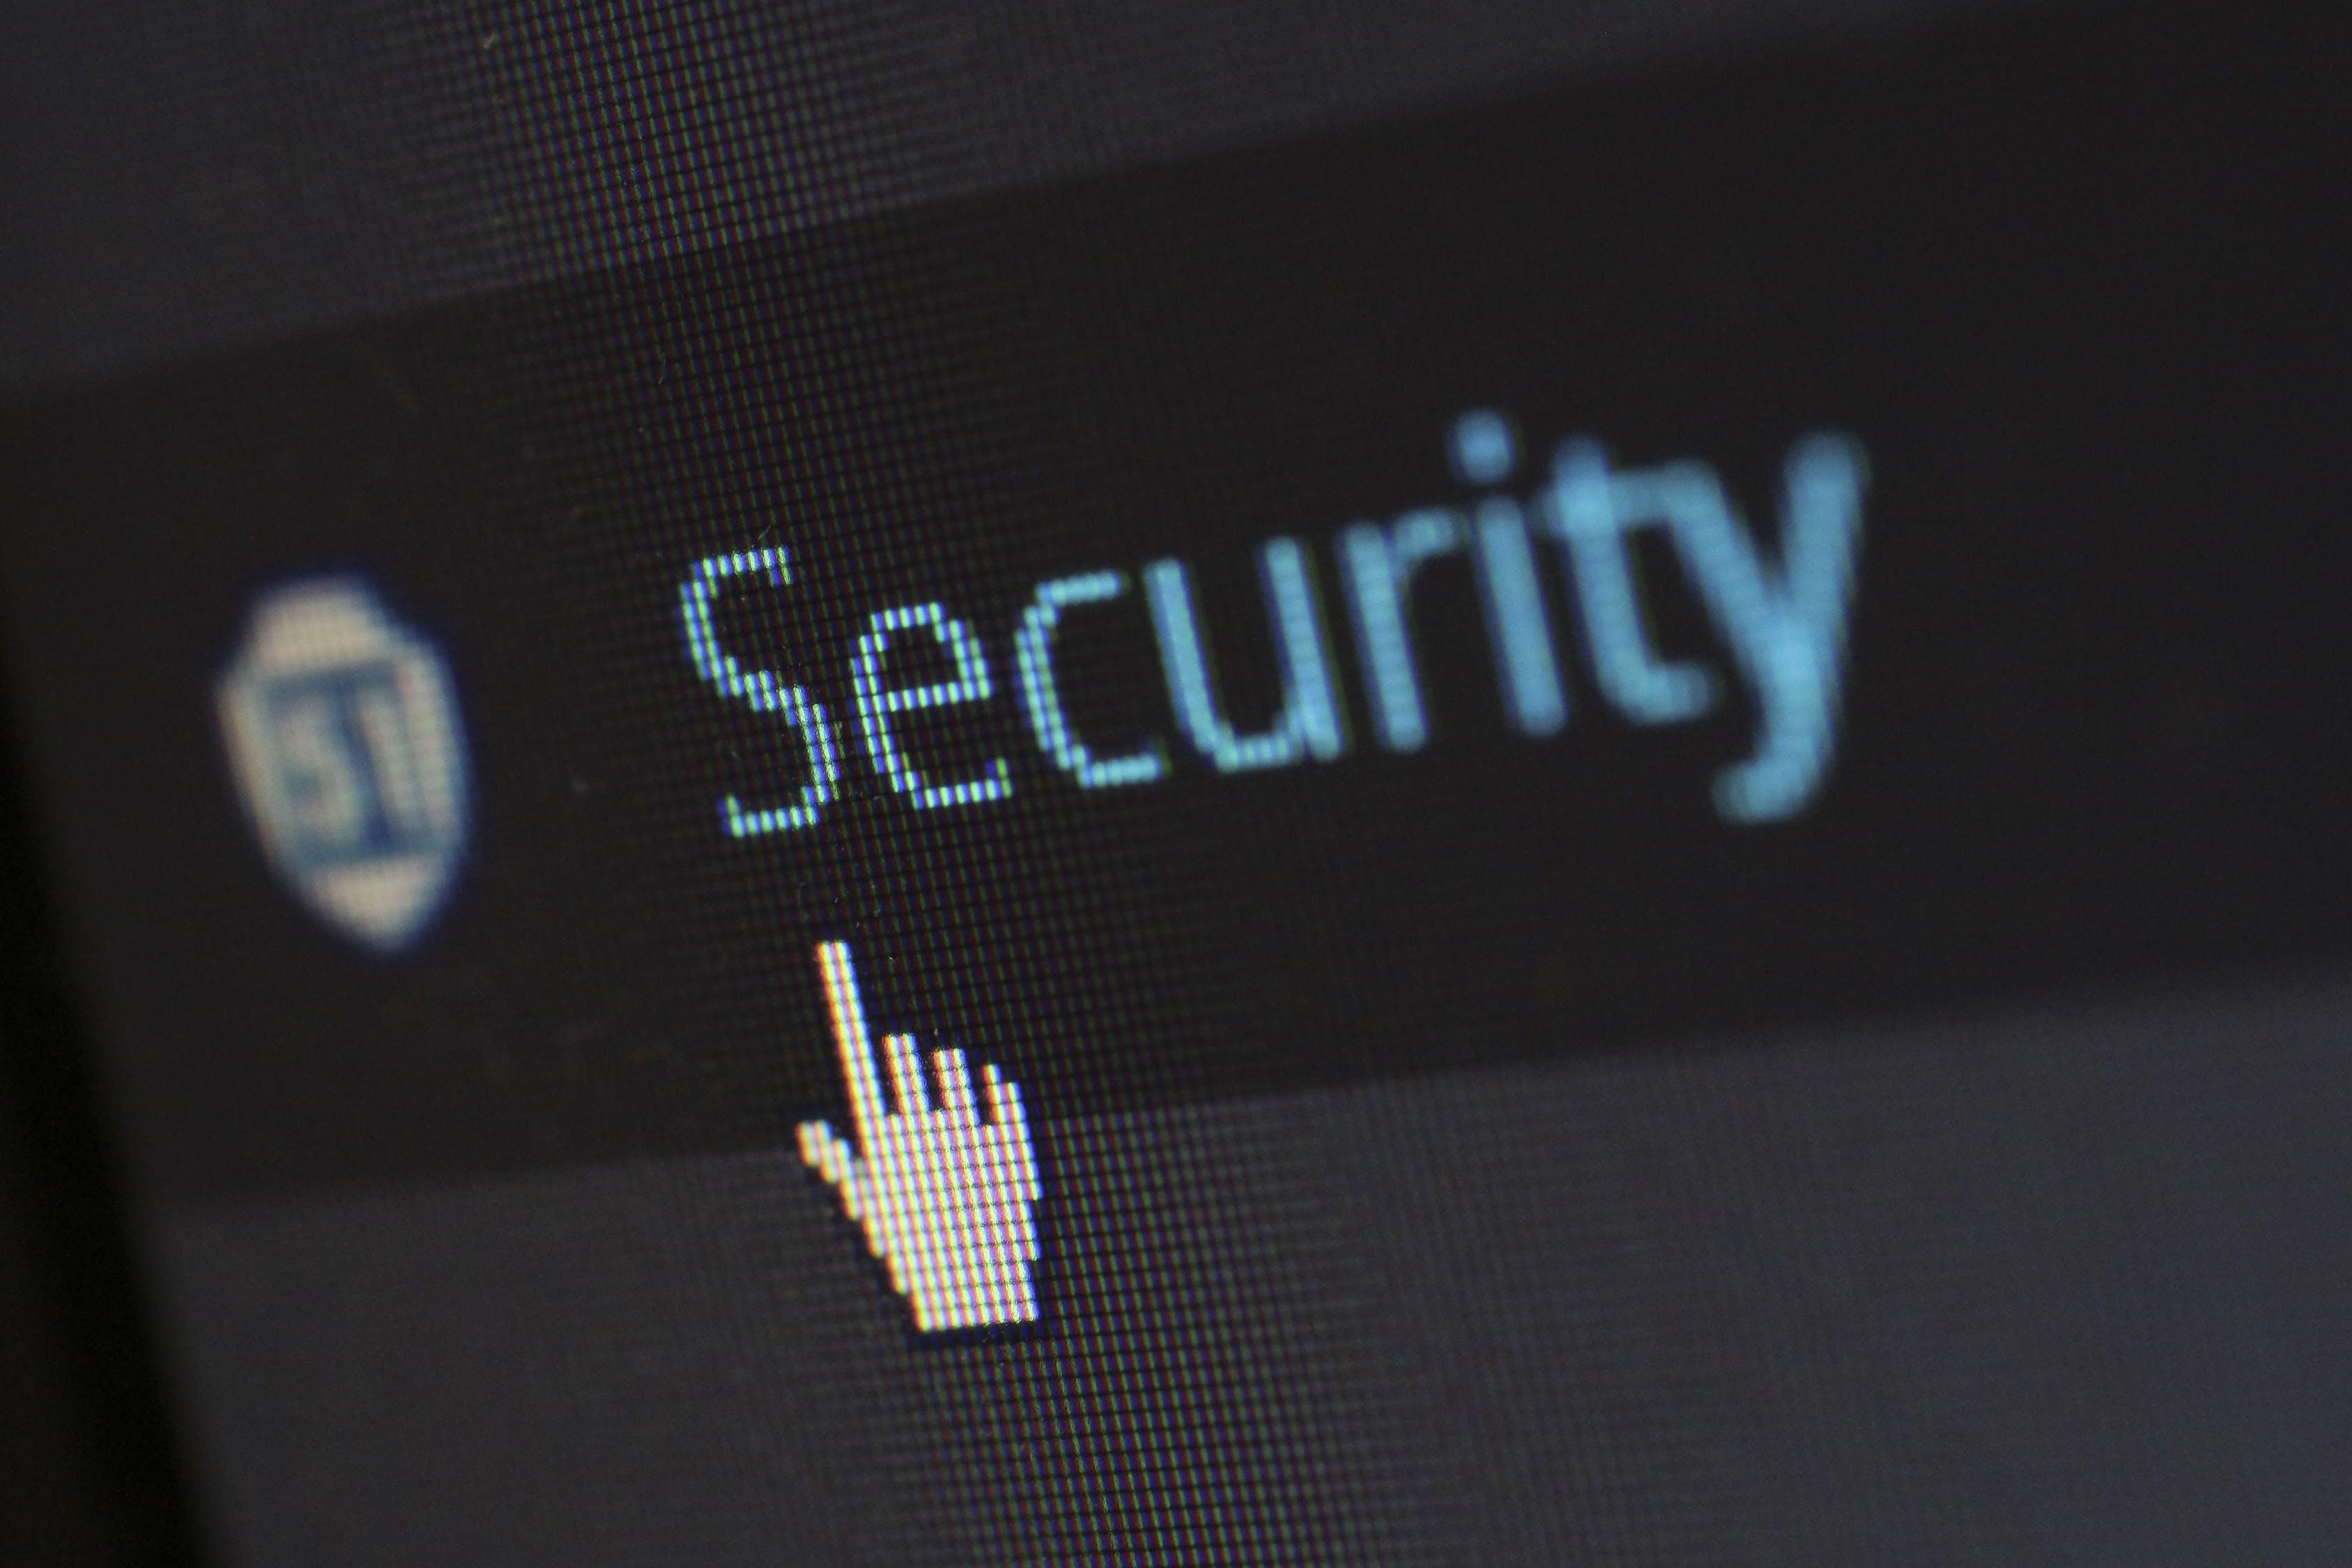 Pantalla Seguridad informatica